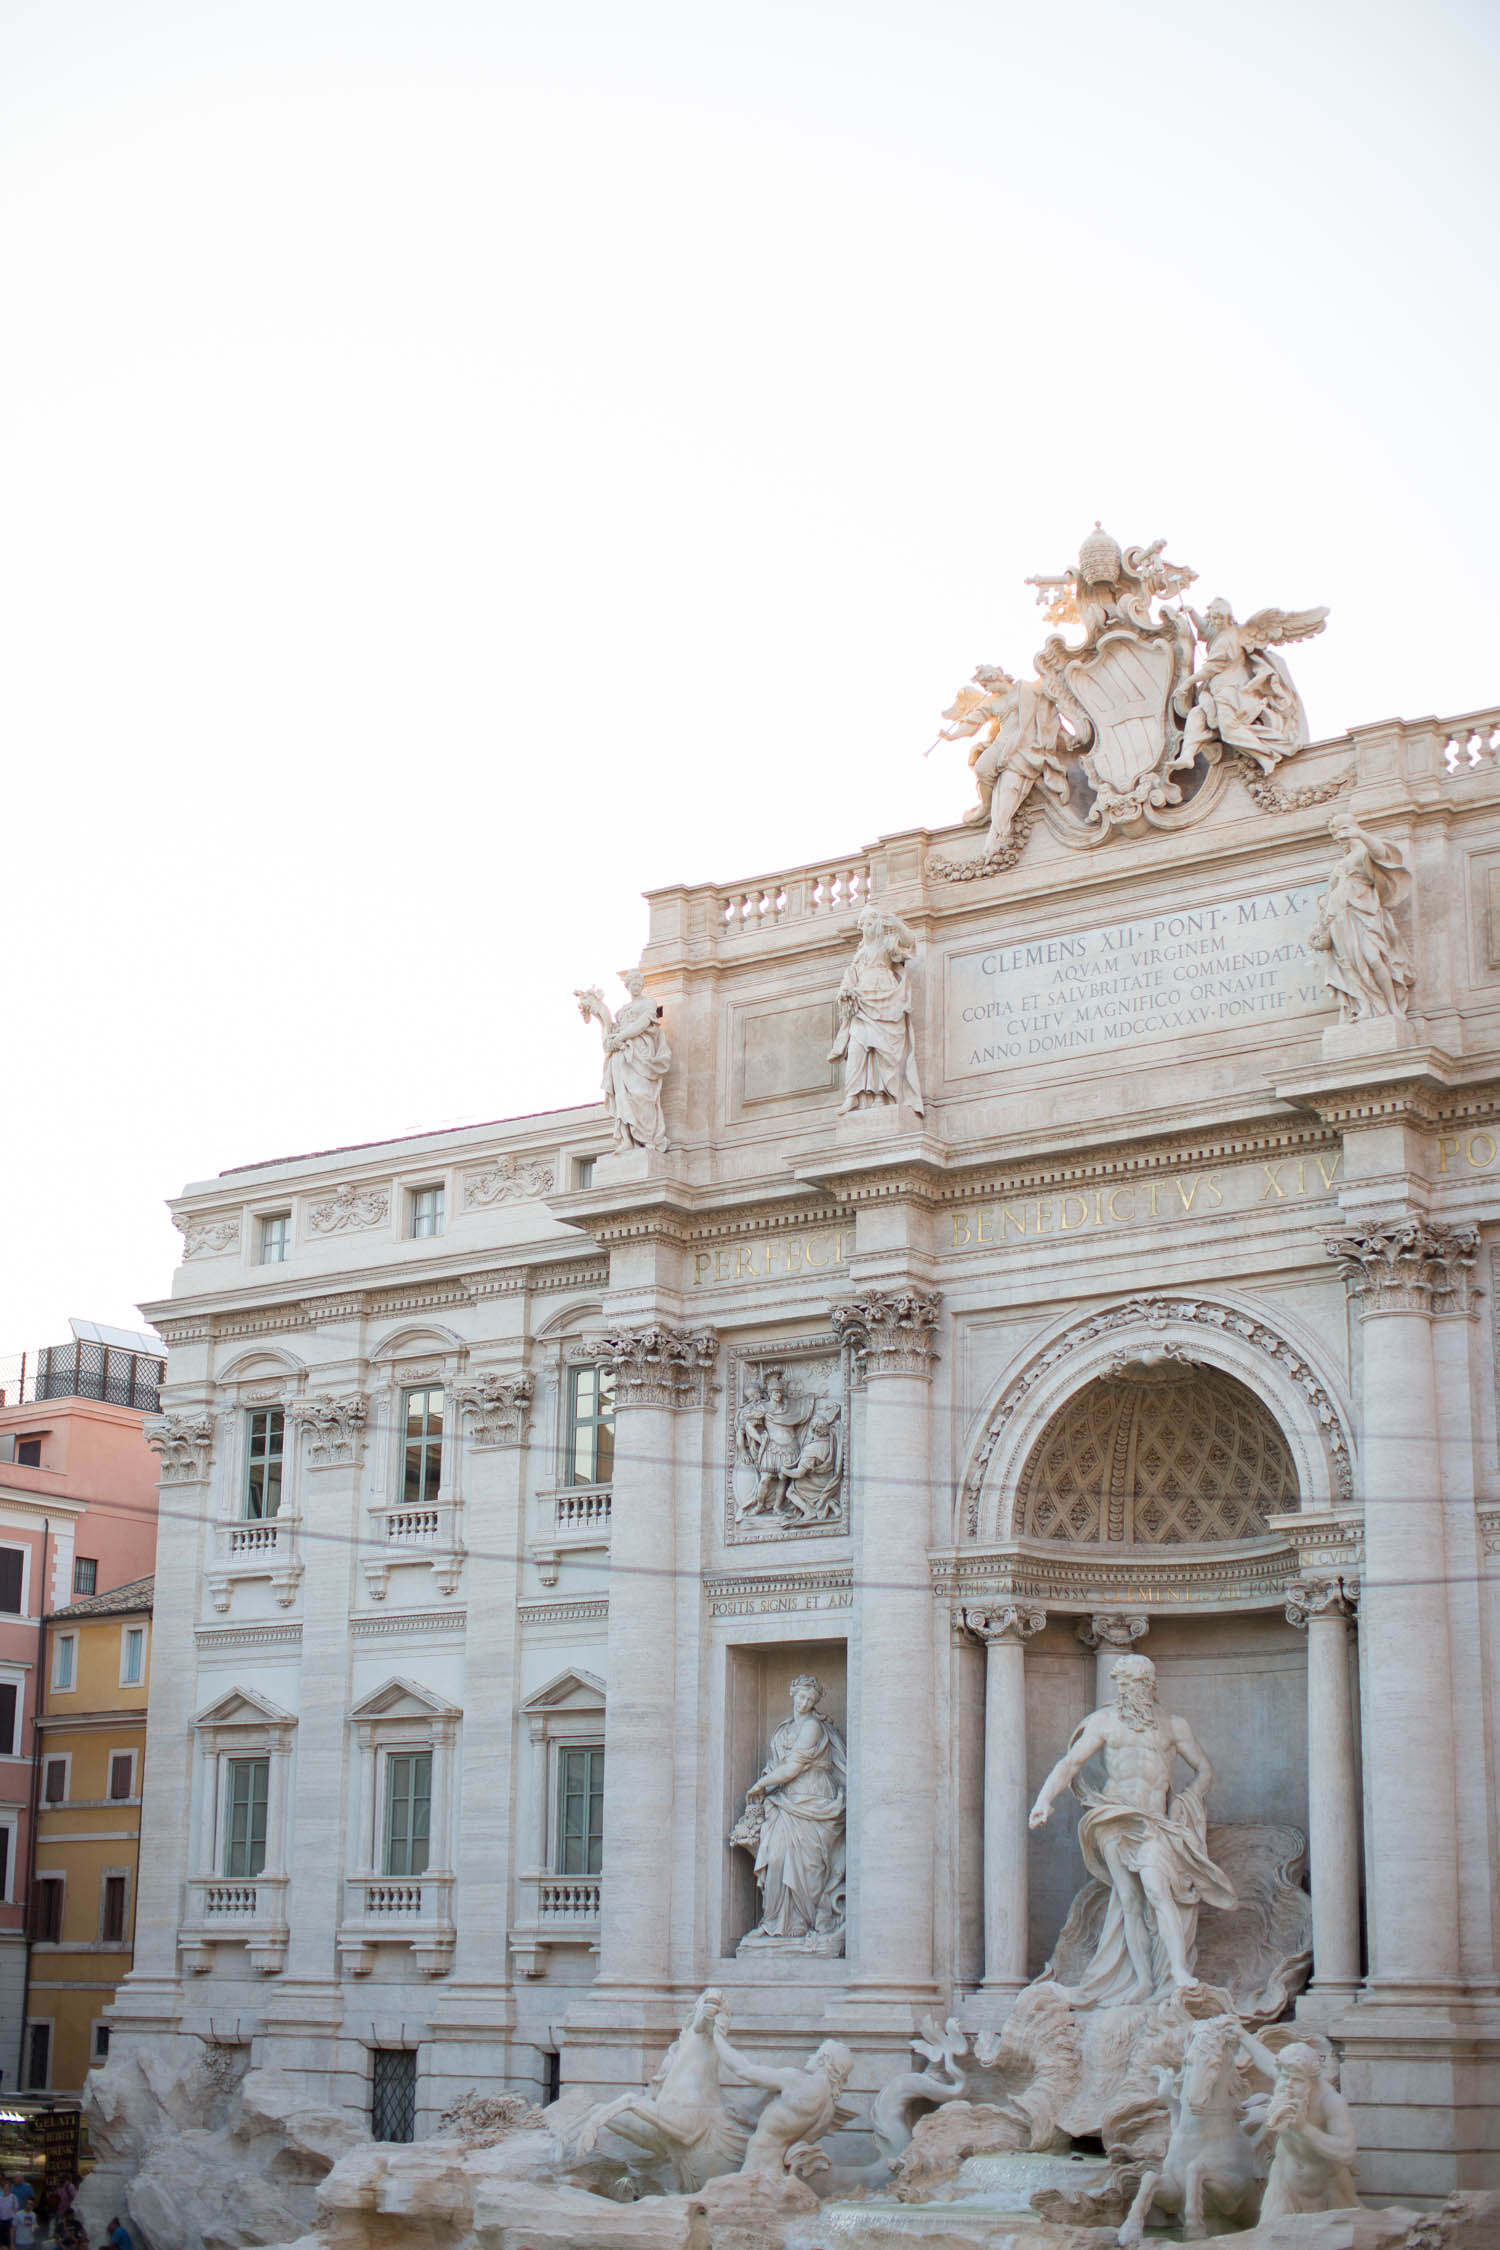 trevi fountain, rome, italy, rome travel diary